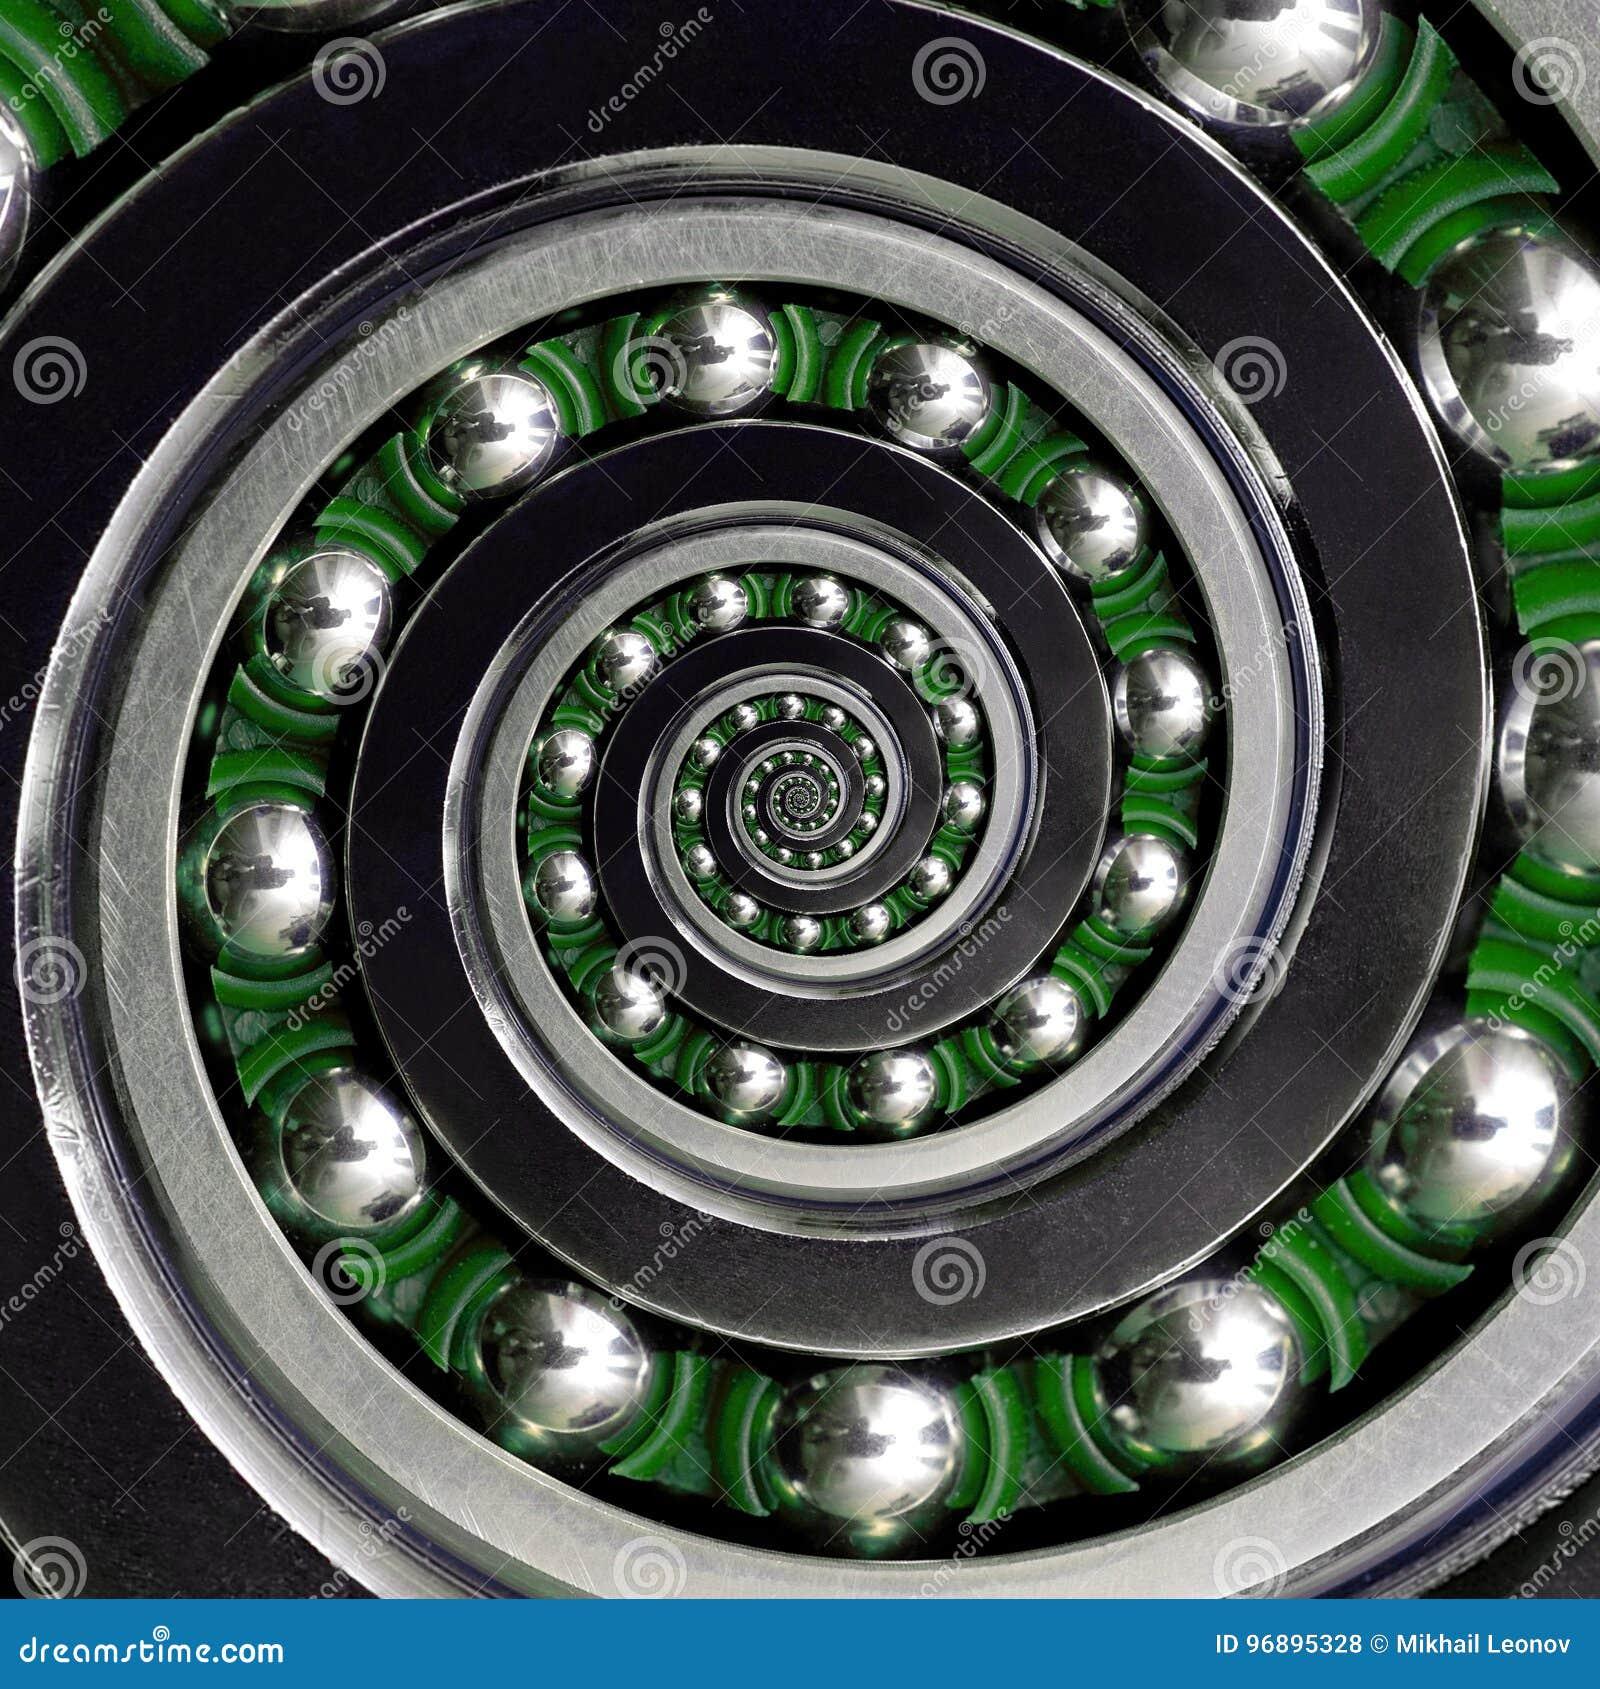 美丽的绿色笼子具体异常的工业顺时针螺旋滚珠轴承 双重螺旋轴承制造技术 Ab